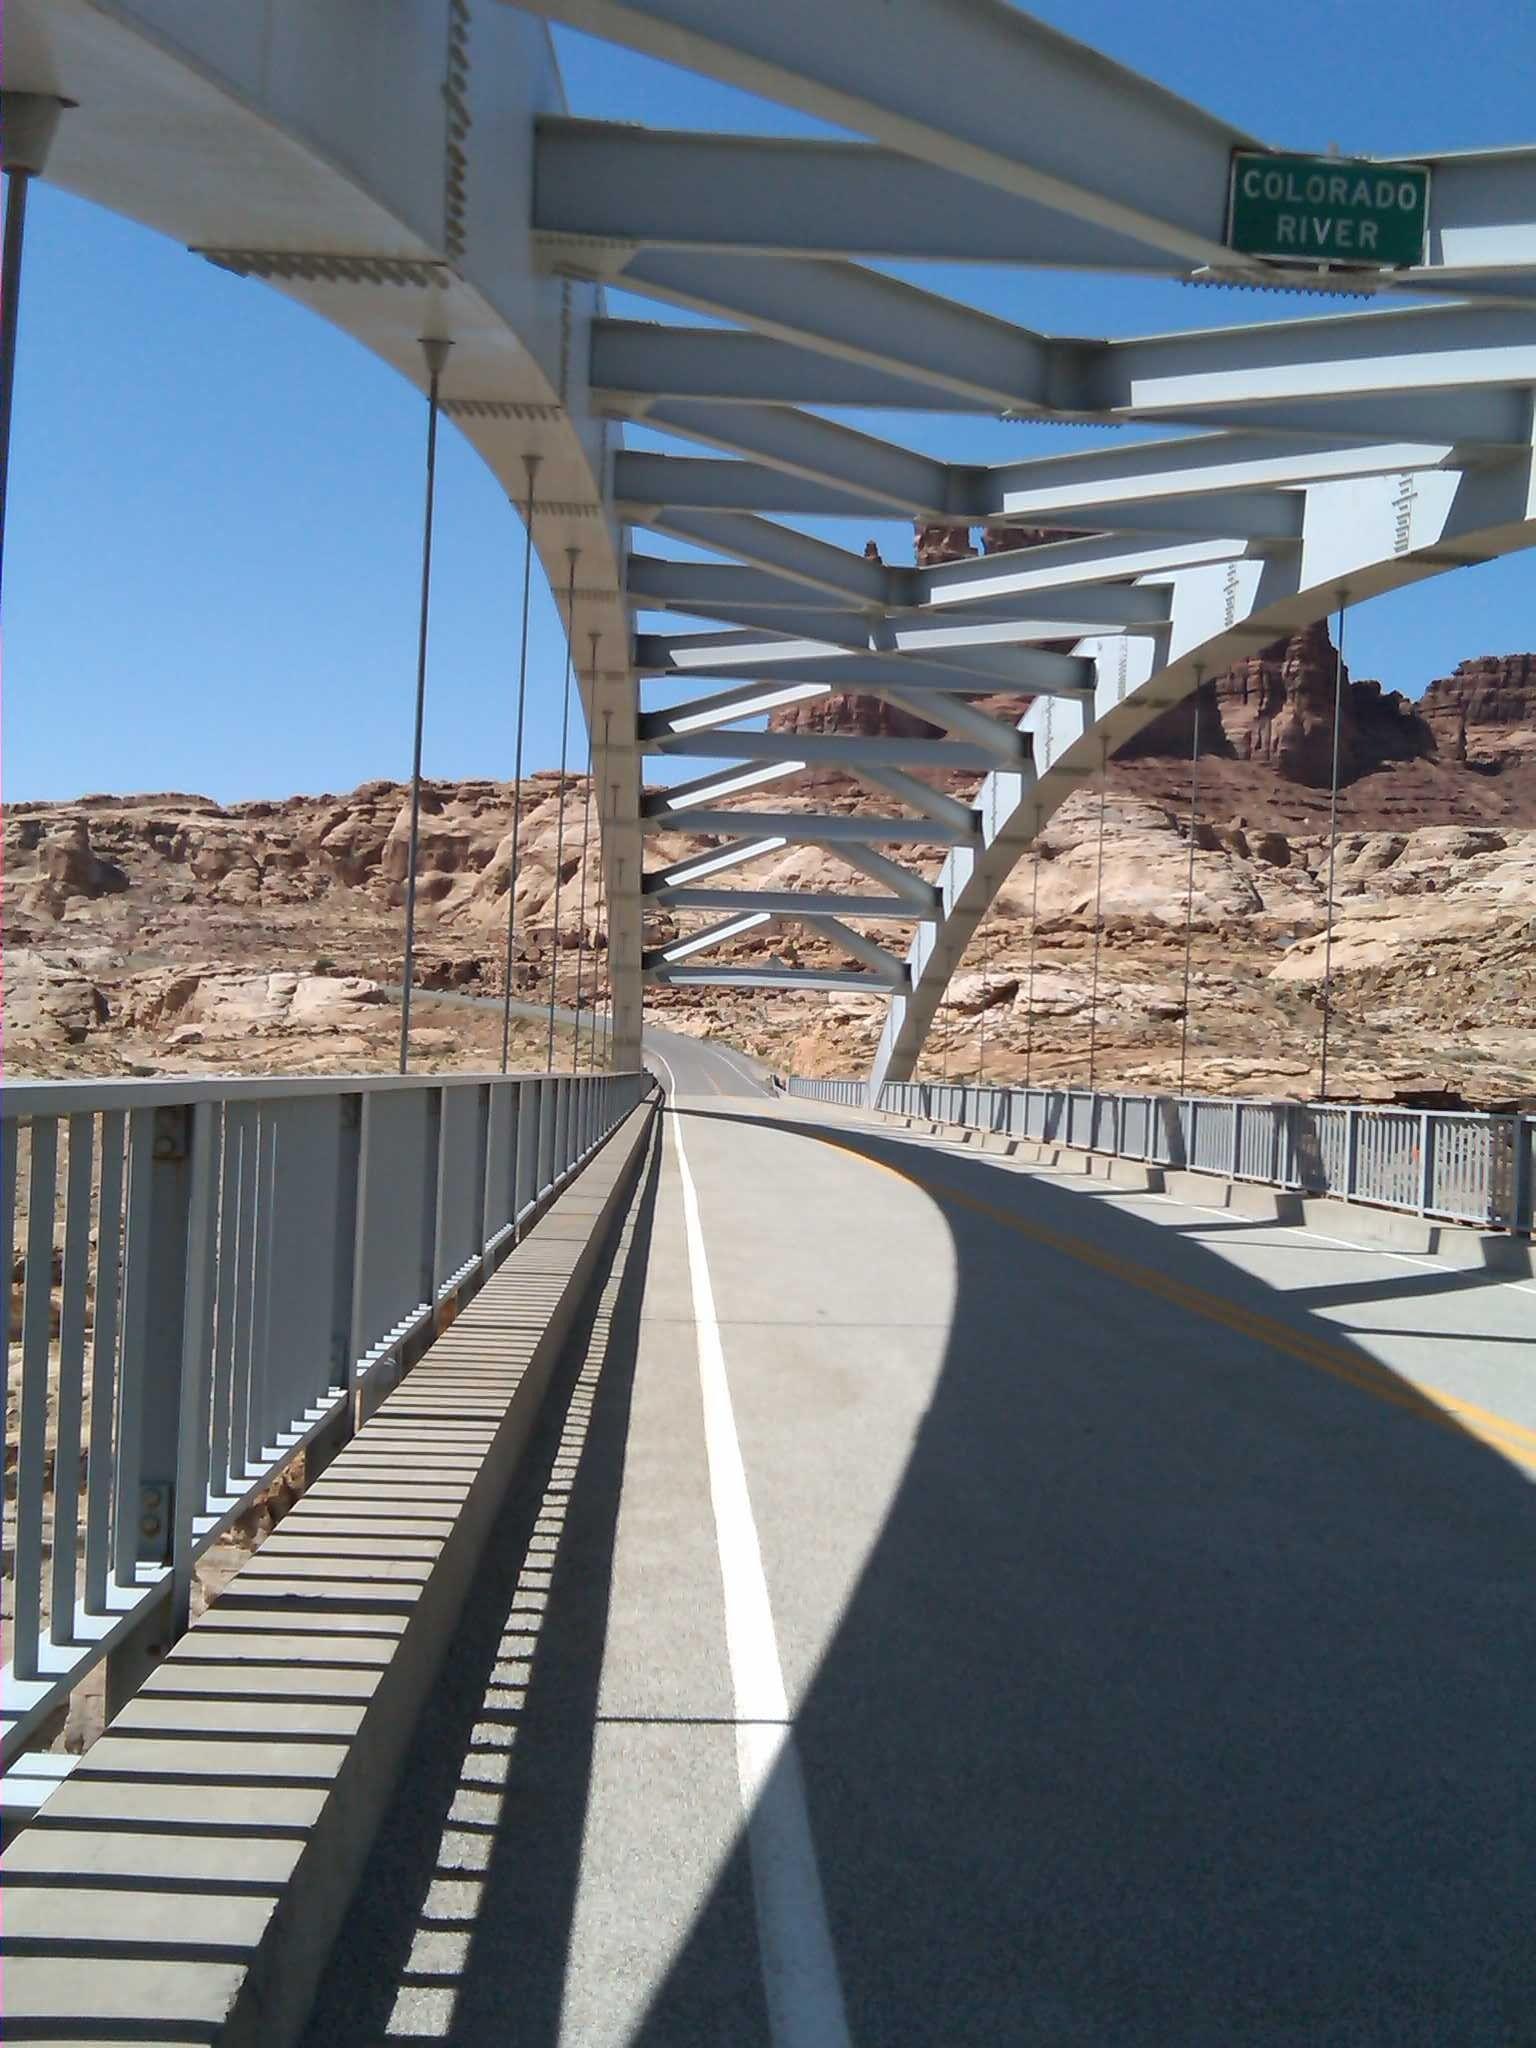 Hite Bridge over Colorado River at the top of Lake Powell, Utah